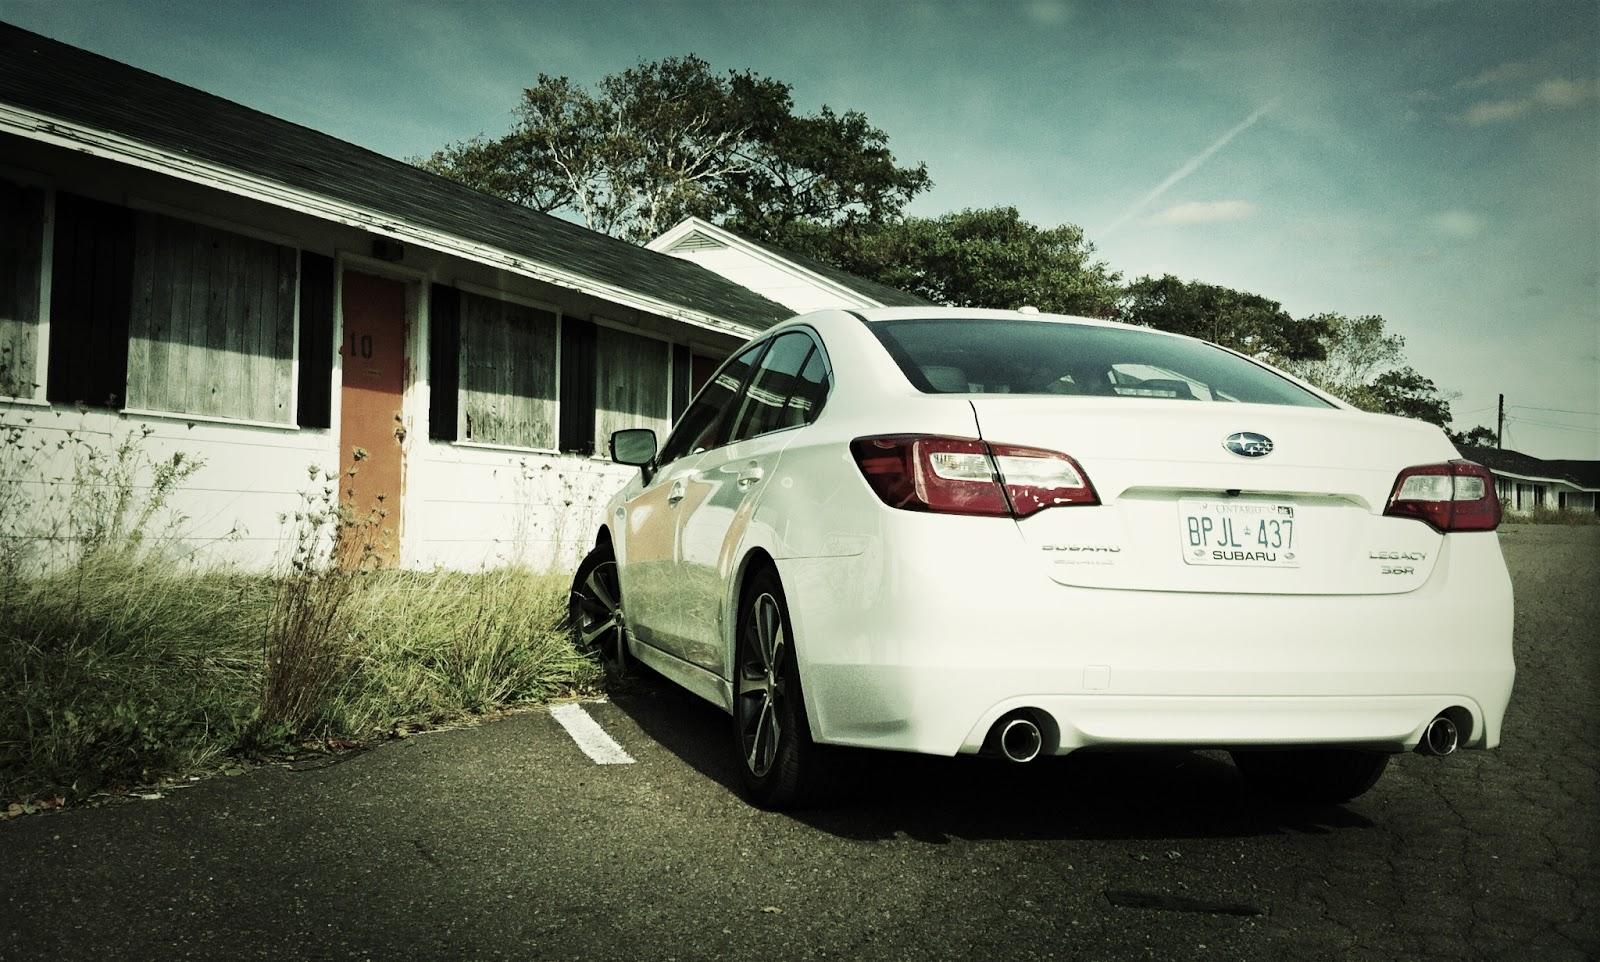 2015 Subaru Legacy 3.6 R Limited